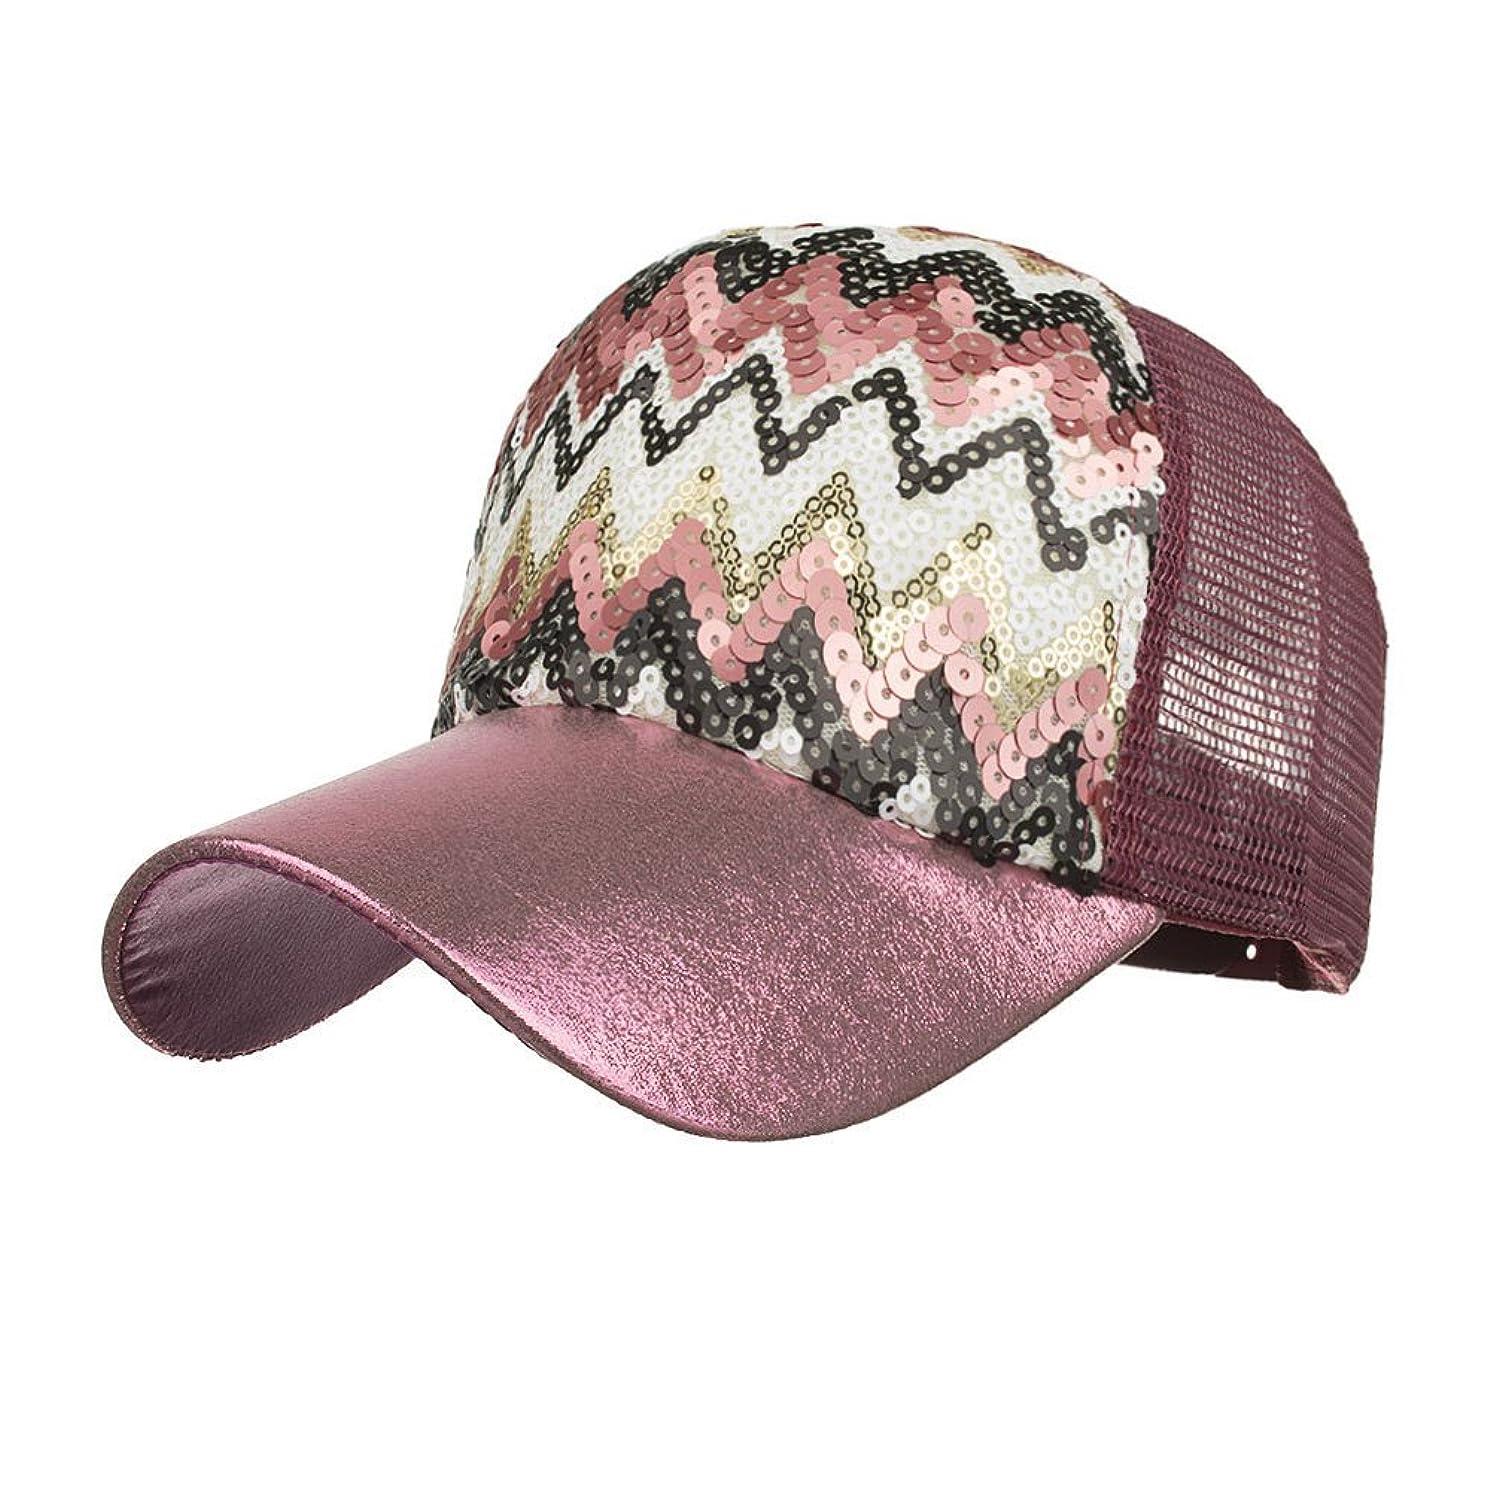 スリップ艶メディックRacazing Cap 輝く棒球帽 カラーマッチング 野球帽 ヒップホップ 通気性のある ラインストーン 帽子 夏 登山 アメリカの旗 可調整可能 男女兼用 UV 帽子 軽量 屋外 メッシュ Unisex Cap (紫の)